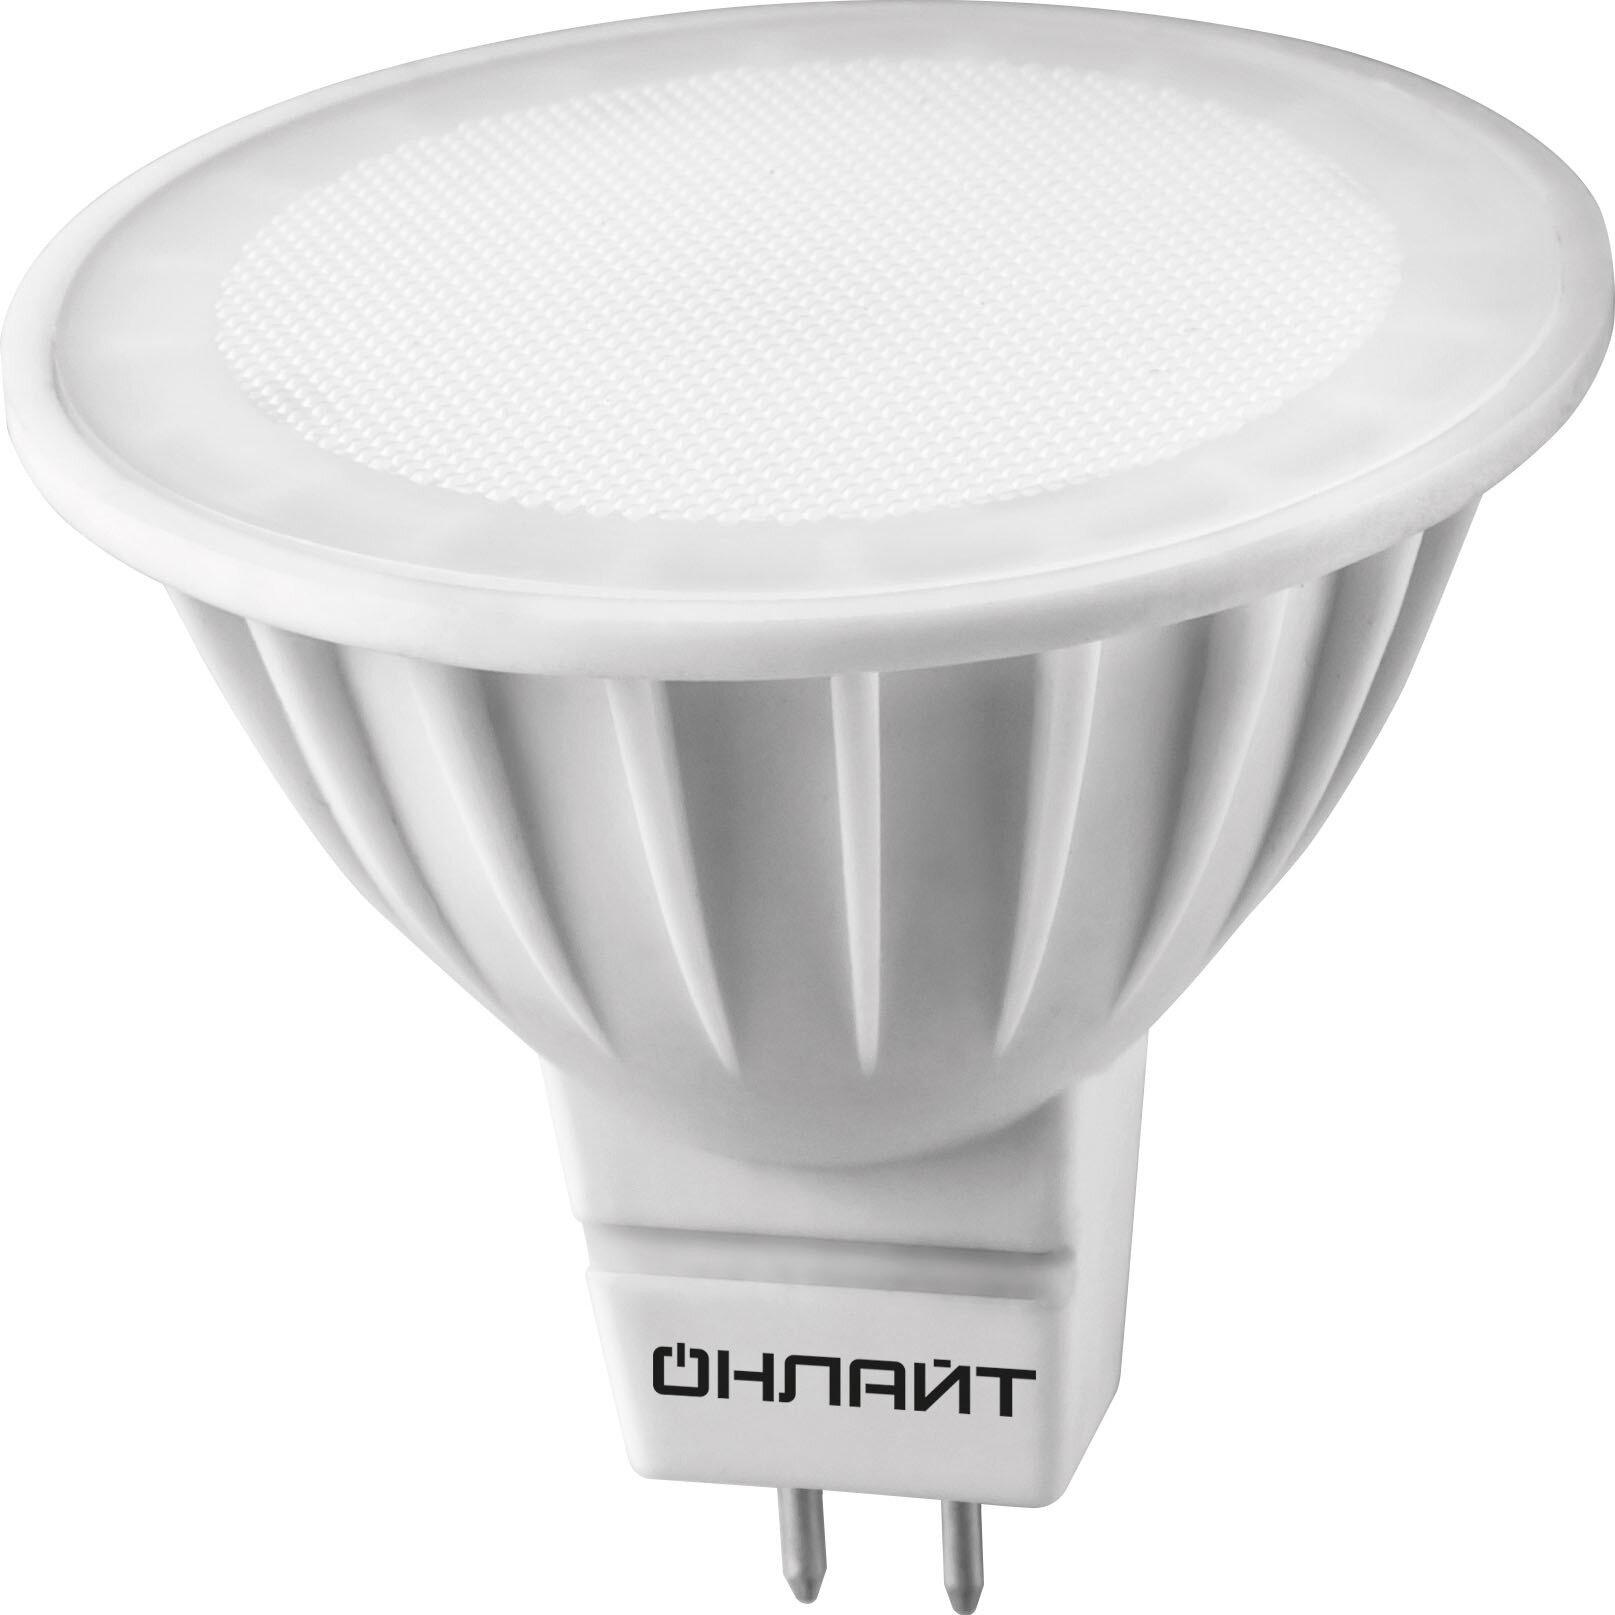 Лампа ЭРА MR16-5W-827-GU5.3, 5Вт, 400lm, 25000ч, 2700К, GU5.3, 3 шт. [б0020622]